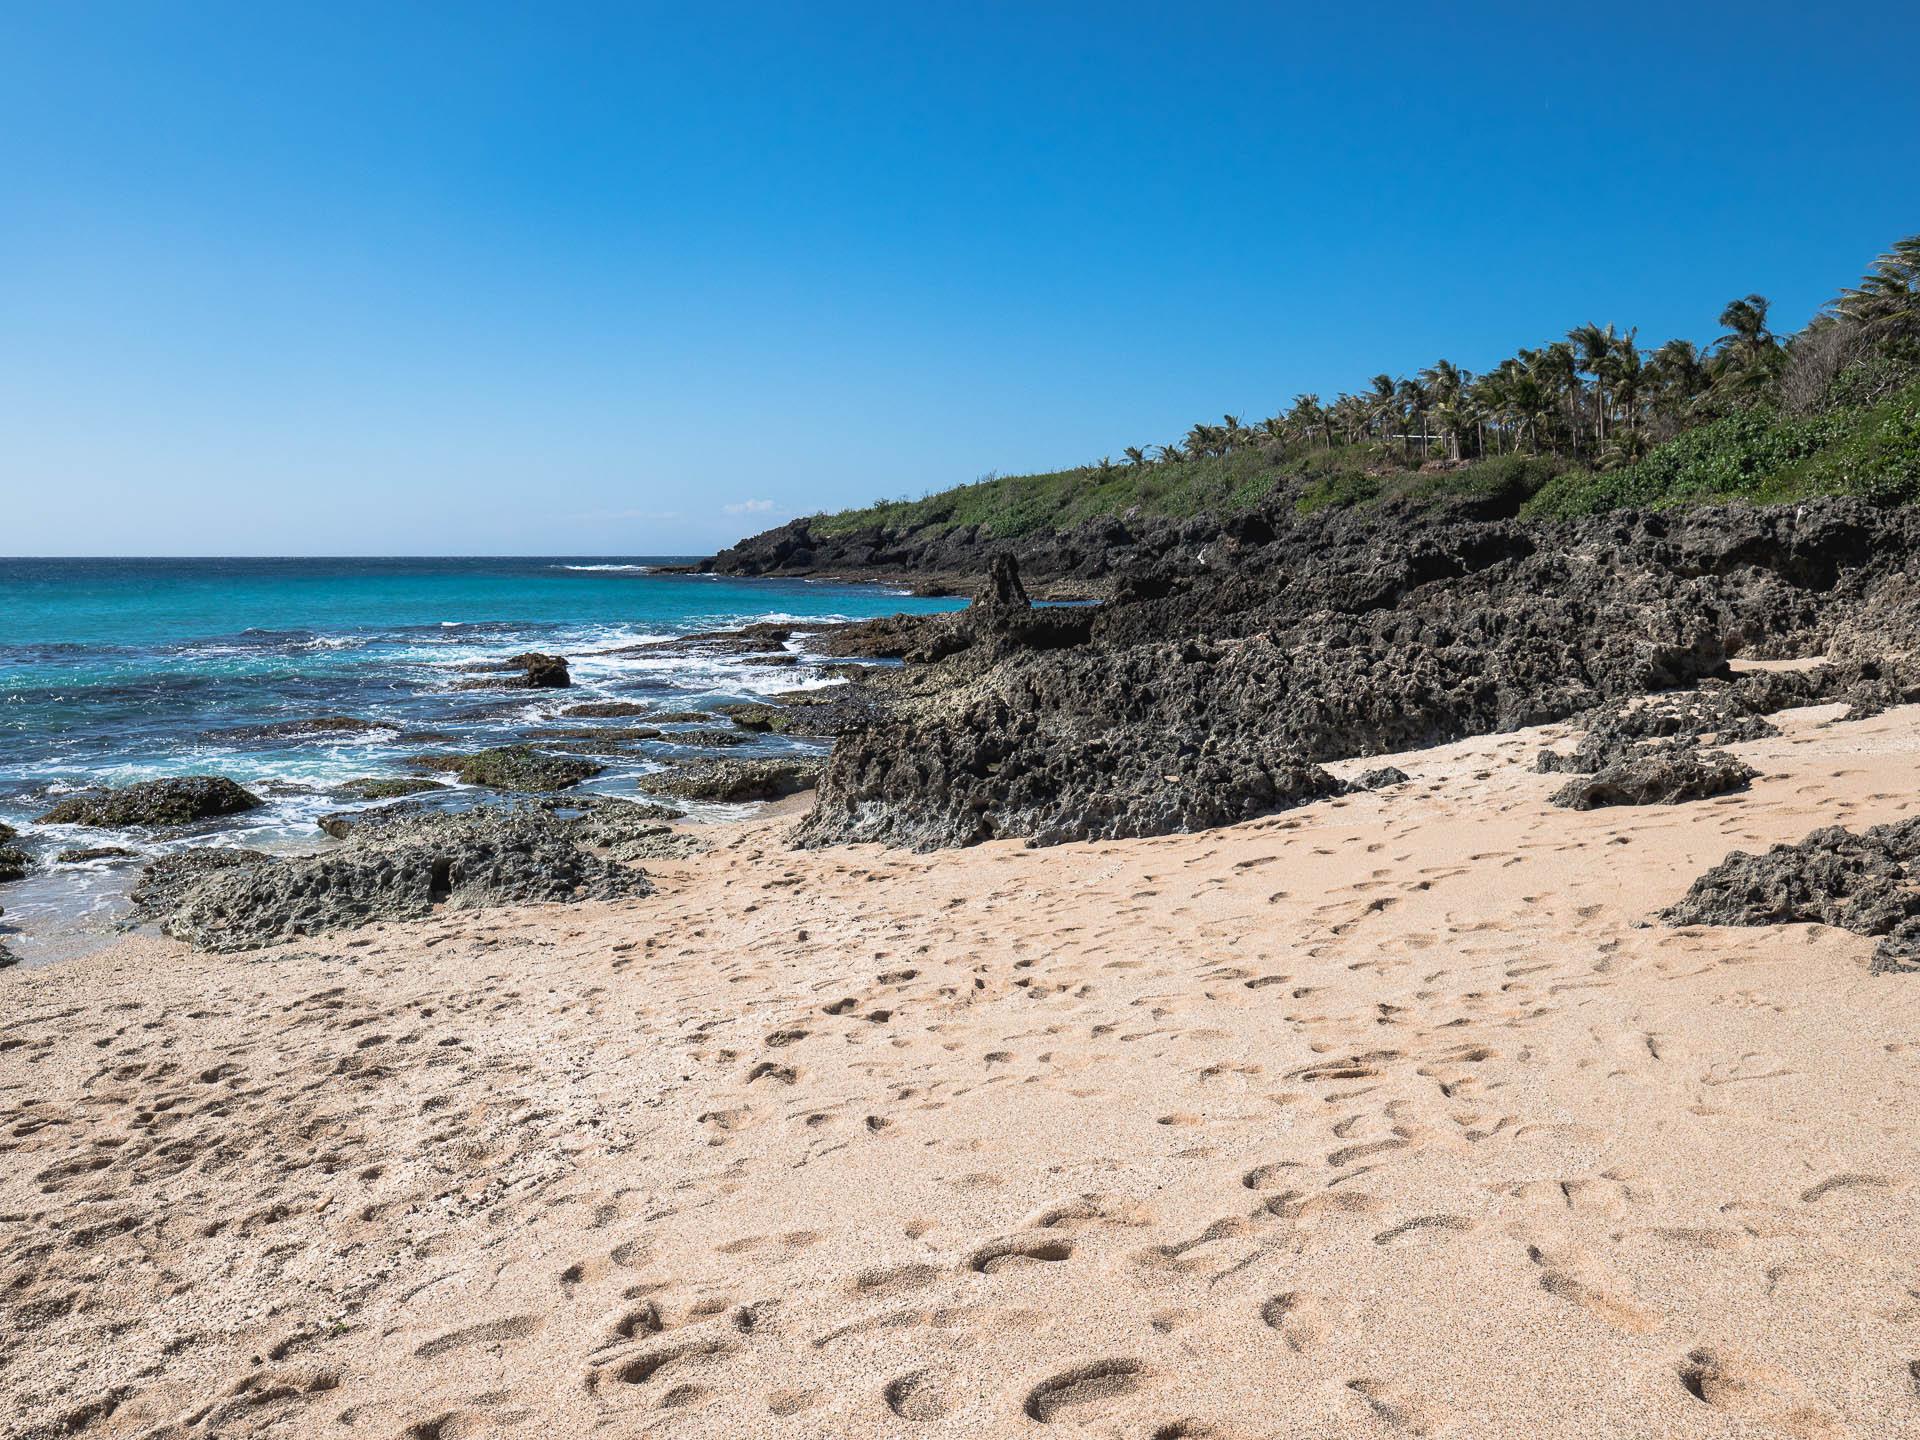 baisha plage